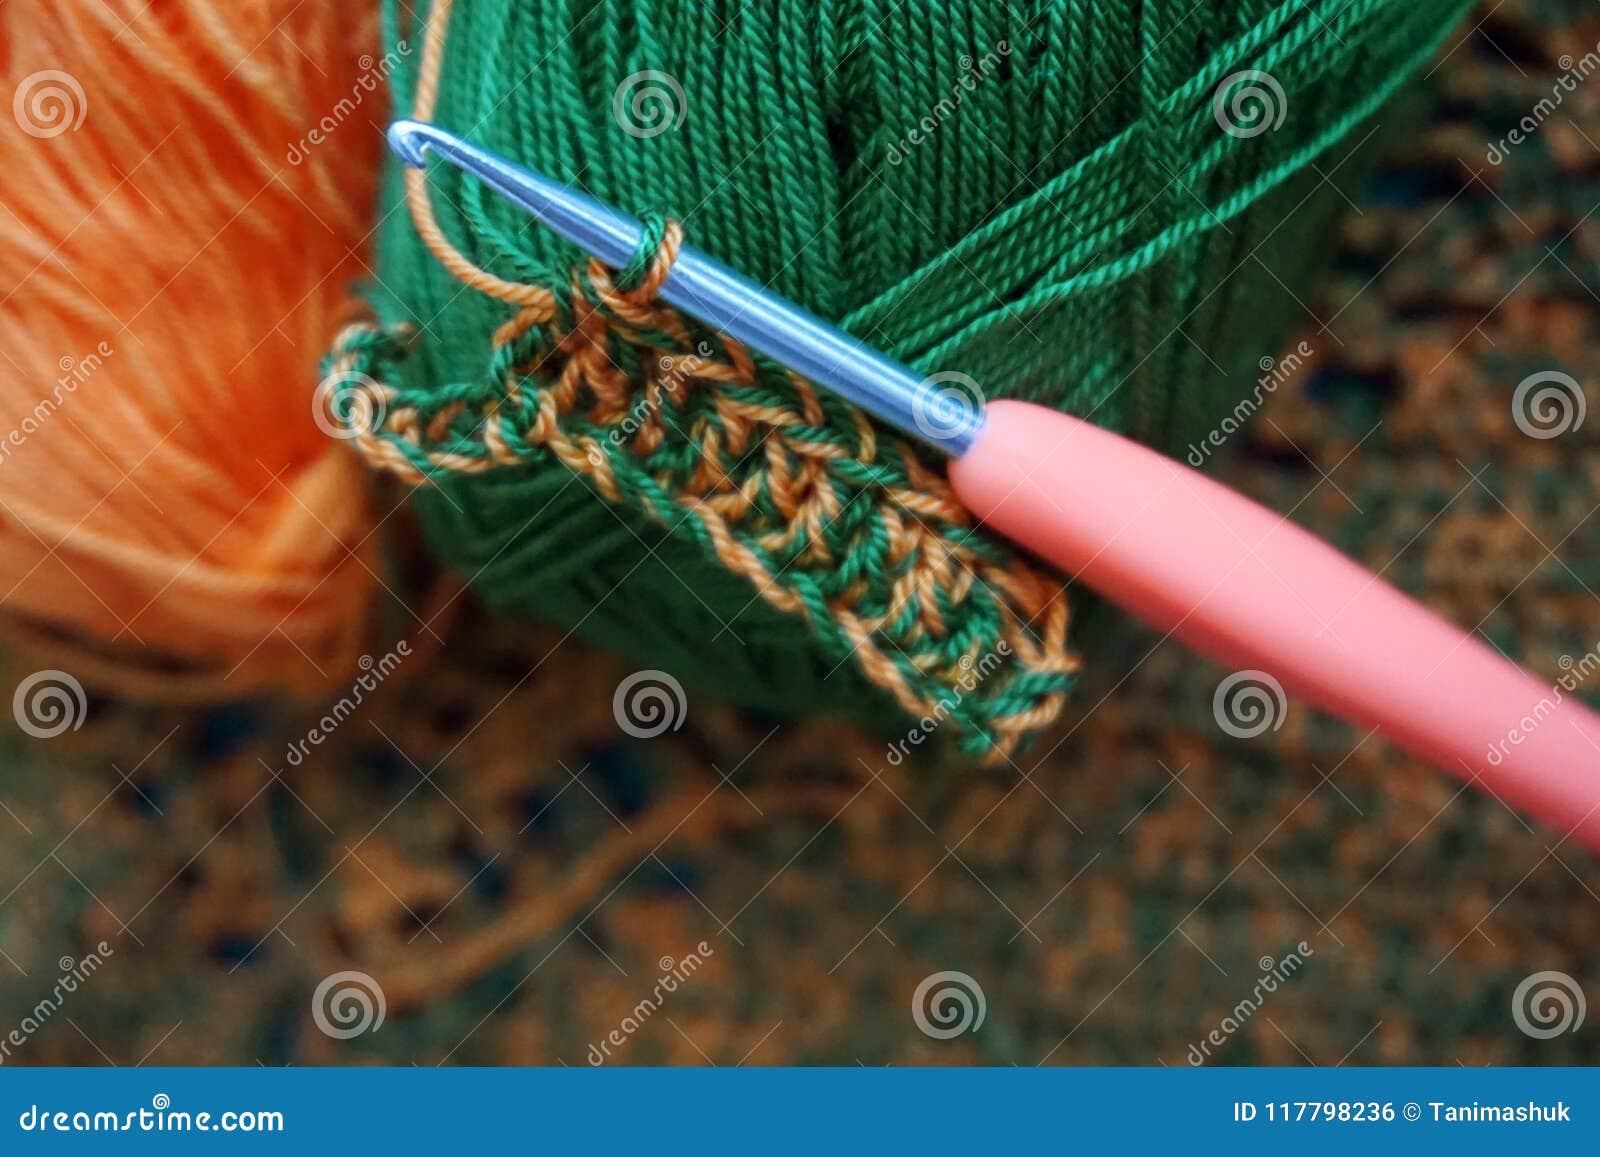 Crochet de crochet en cours de tricotage